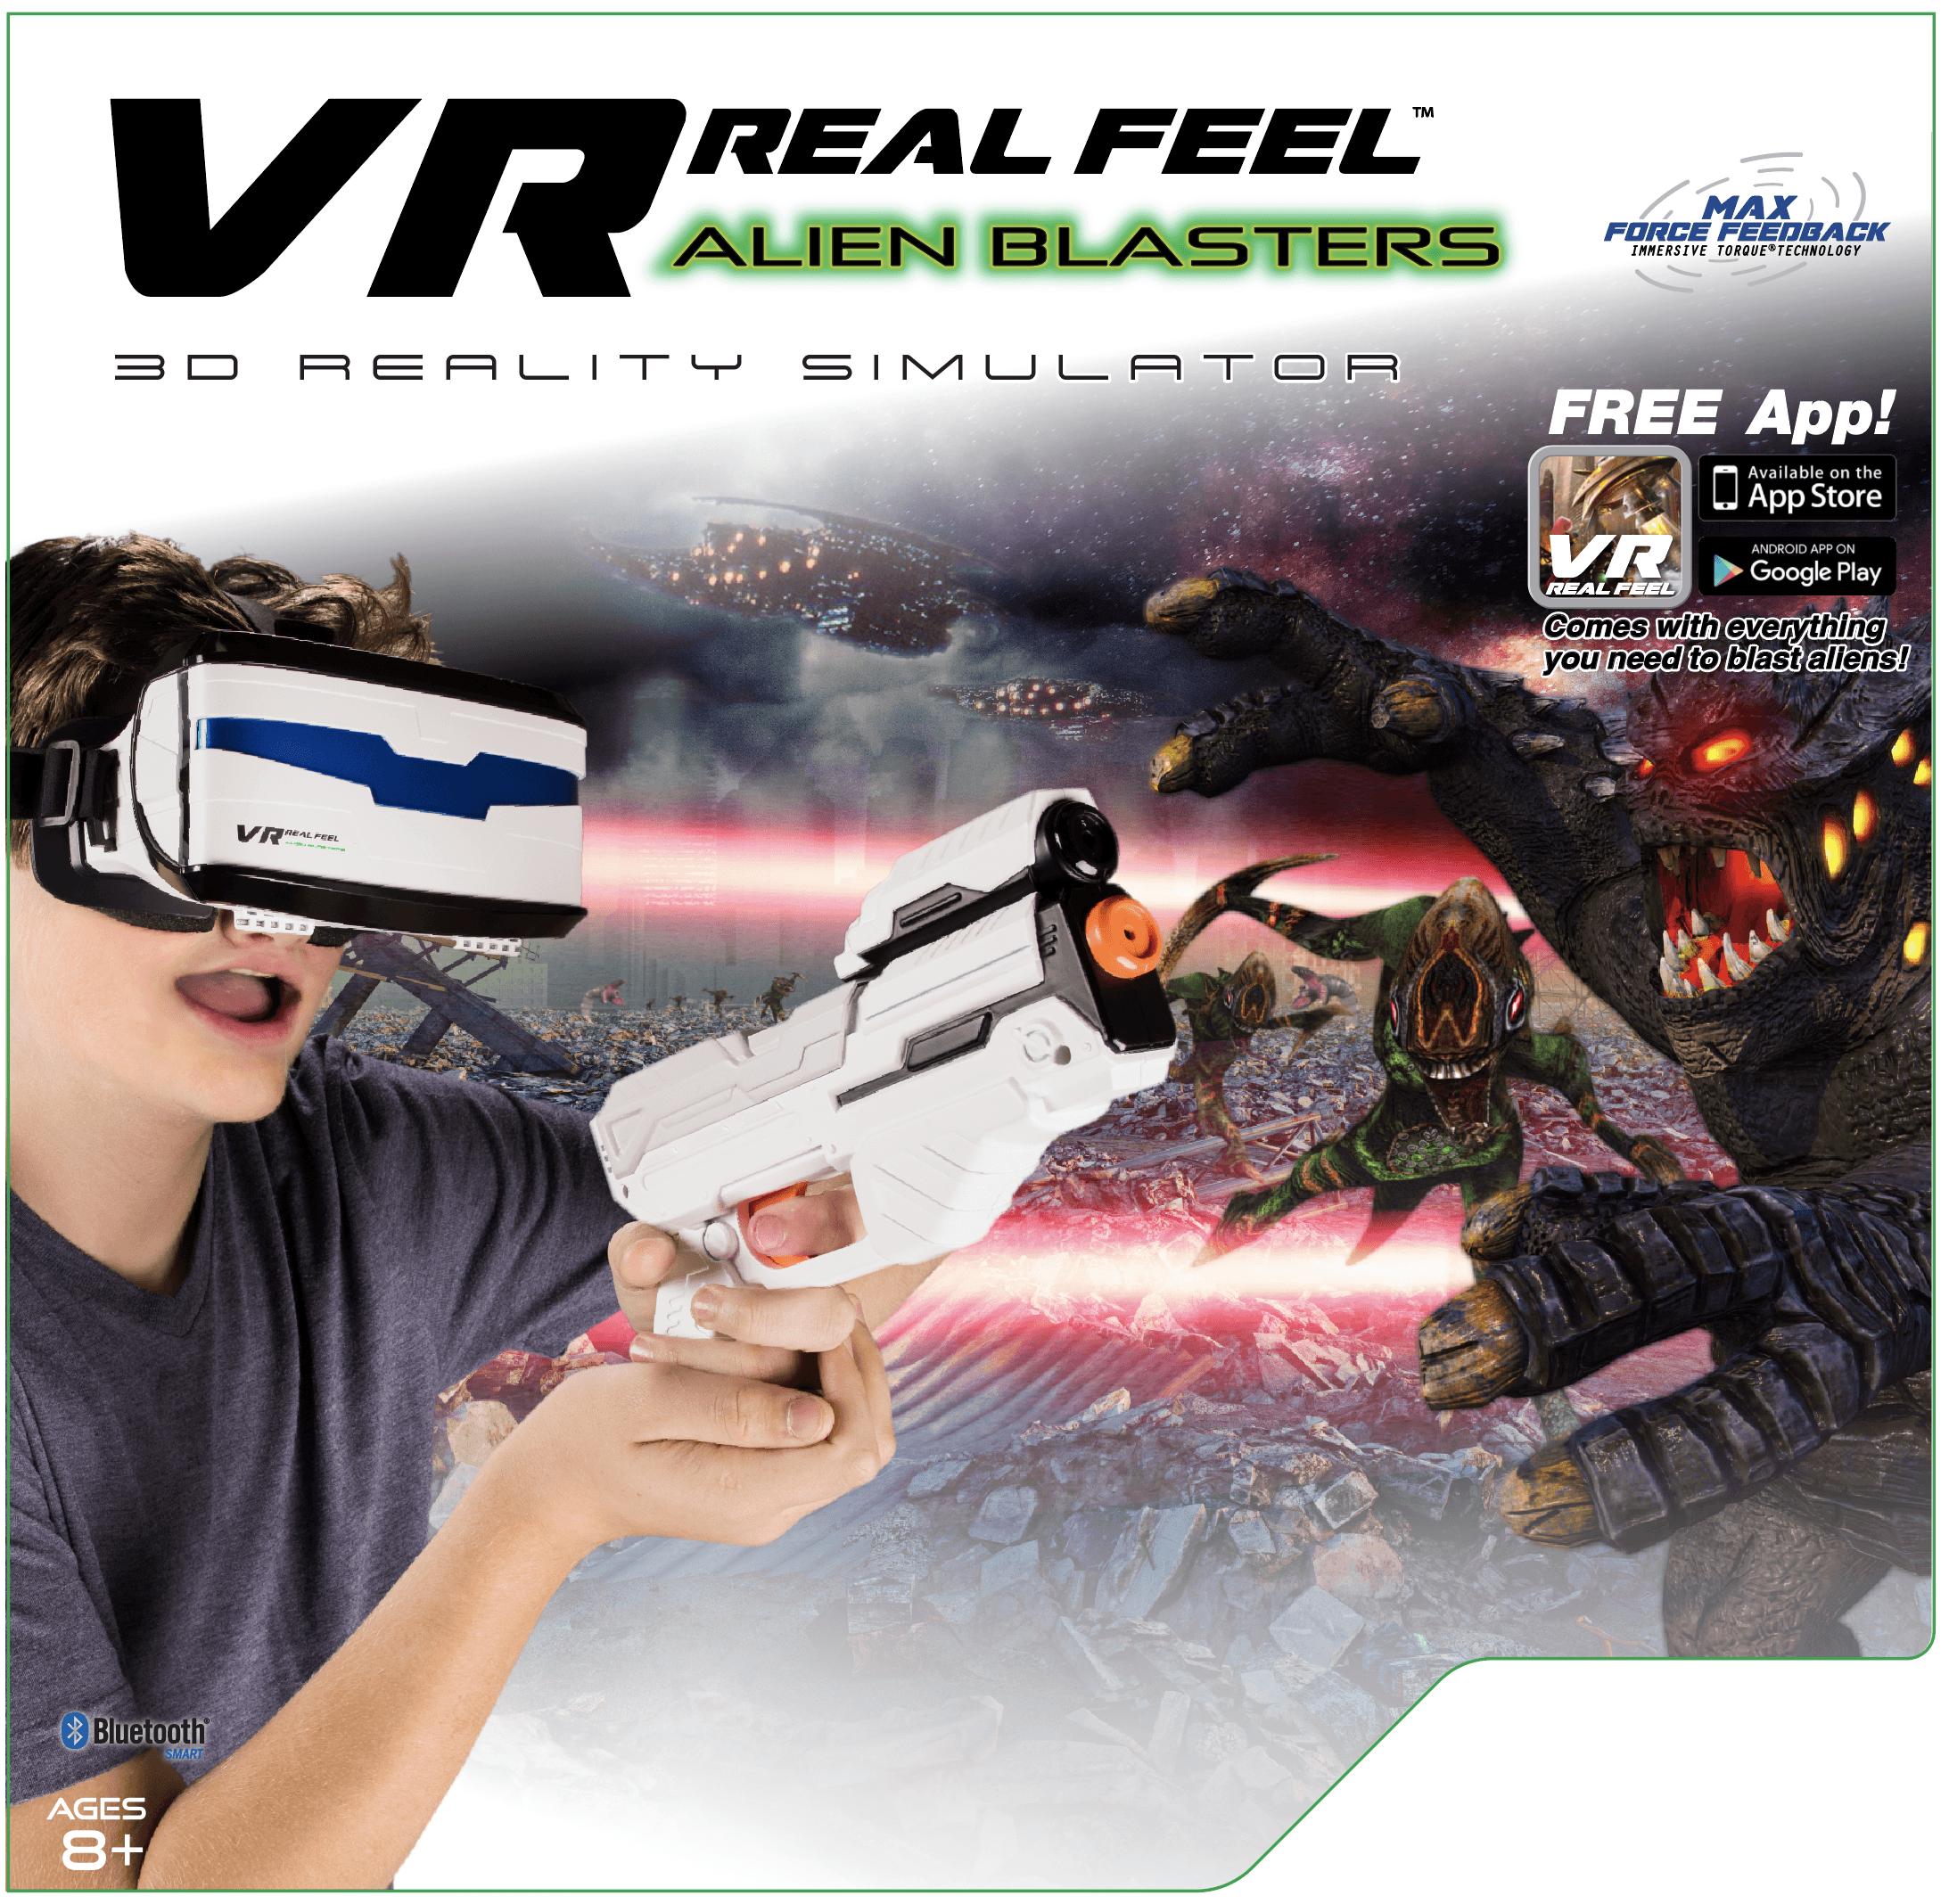 VR Real Feel Alien Blasters W/ Headset